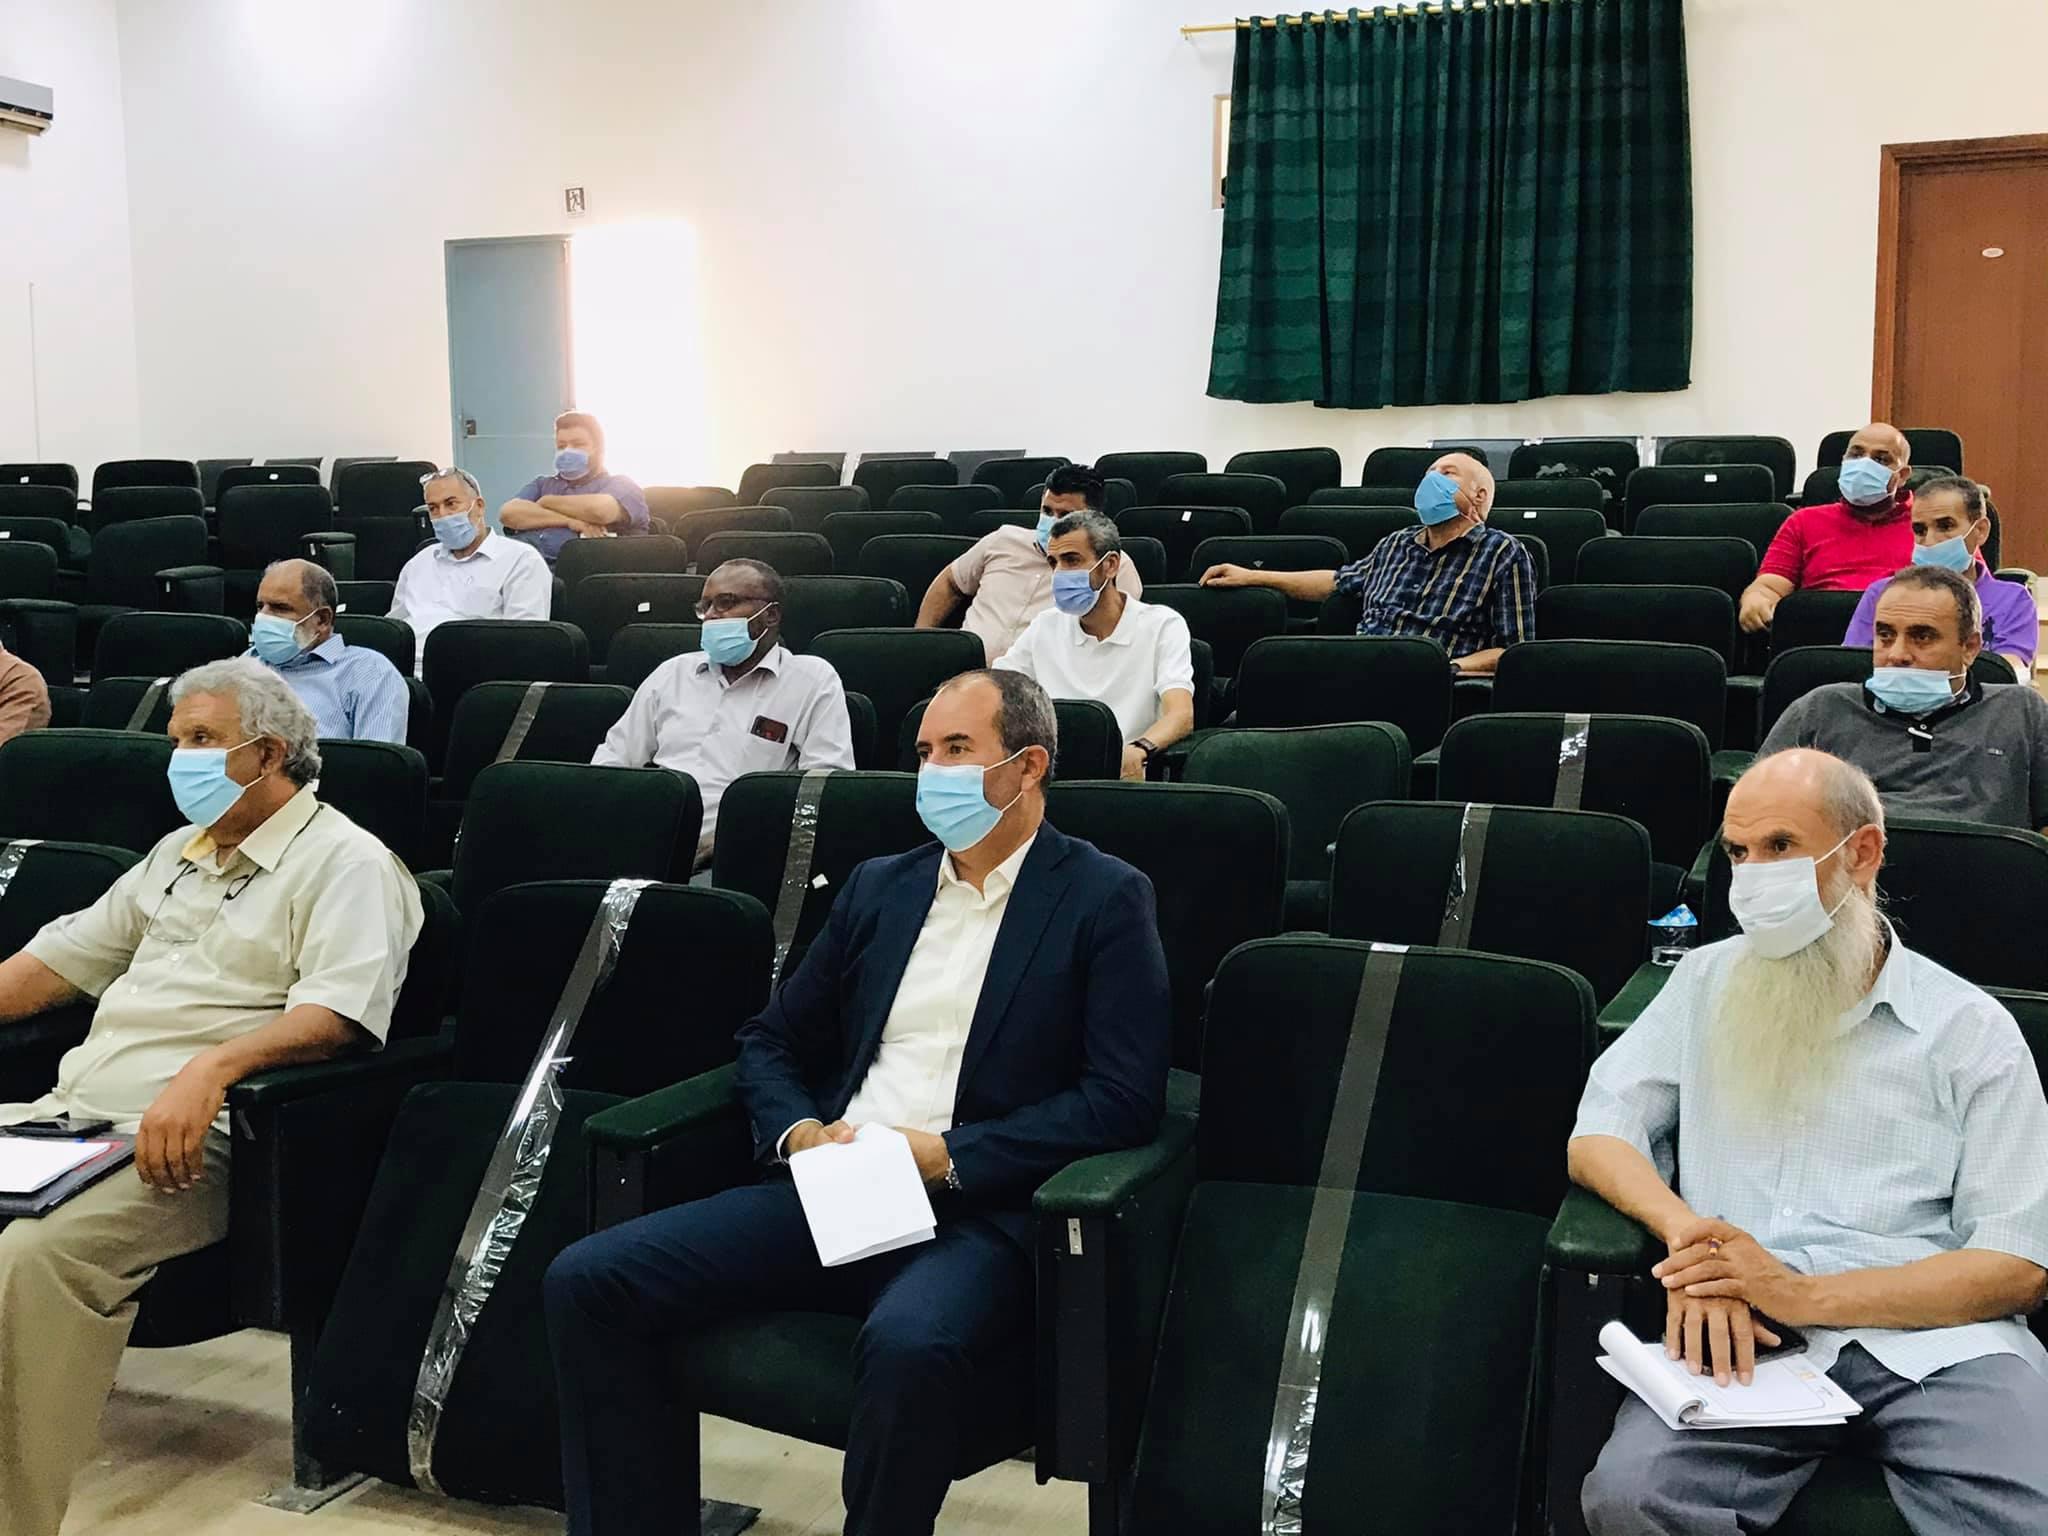 اجتماع اللجنة المركزية لمتابعة الوضع الوبائي لجامعة صبراته بعمداء ومدراء مكاتب الدراسة والامتحانات بالكليات